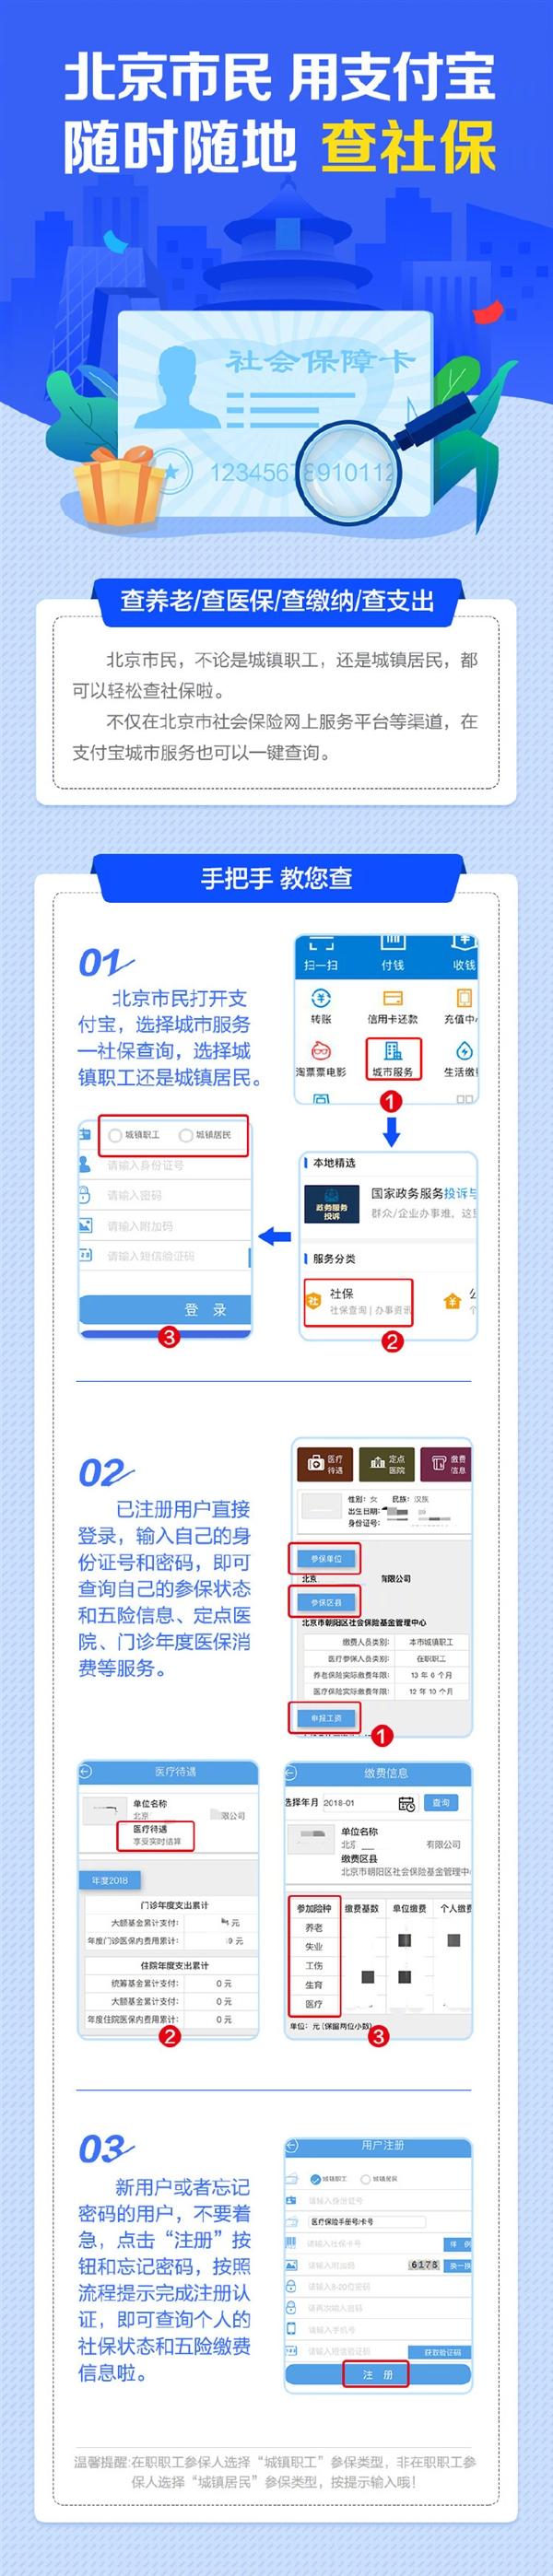 支付宝:今起北京市民可一键查询社保信息